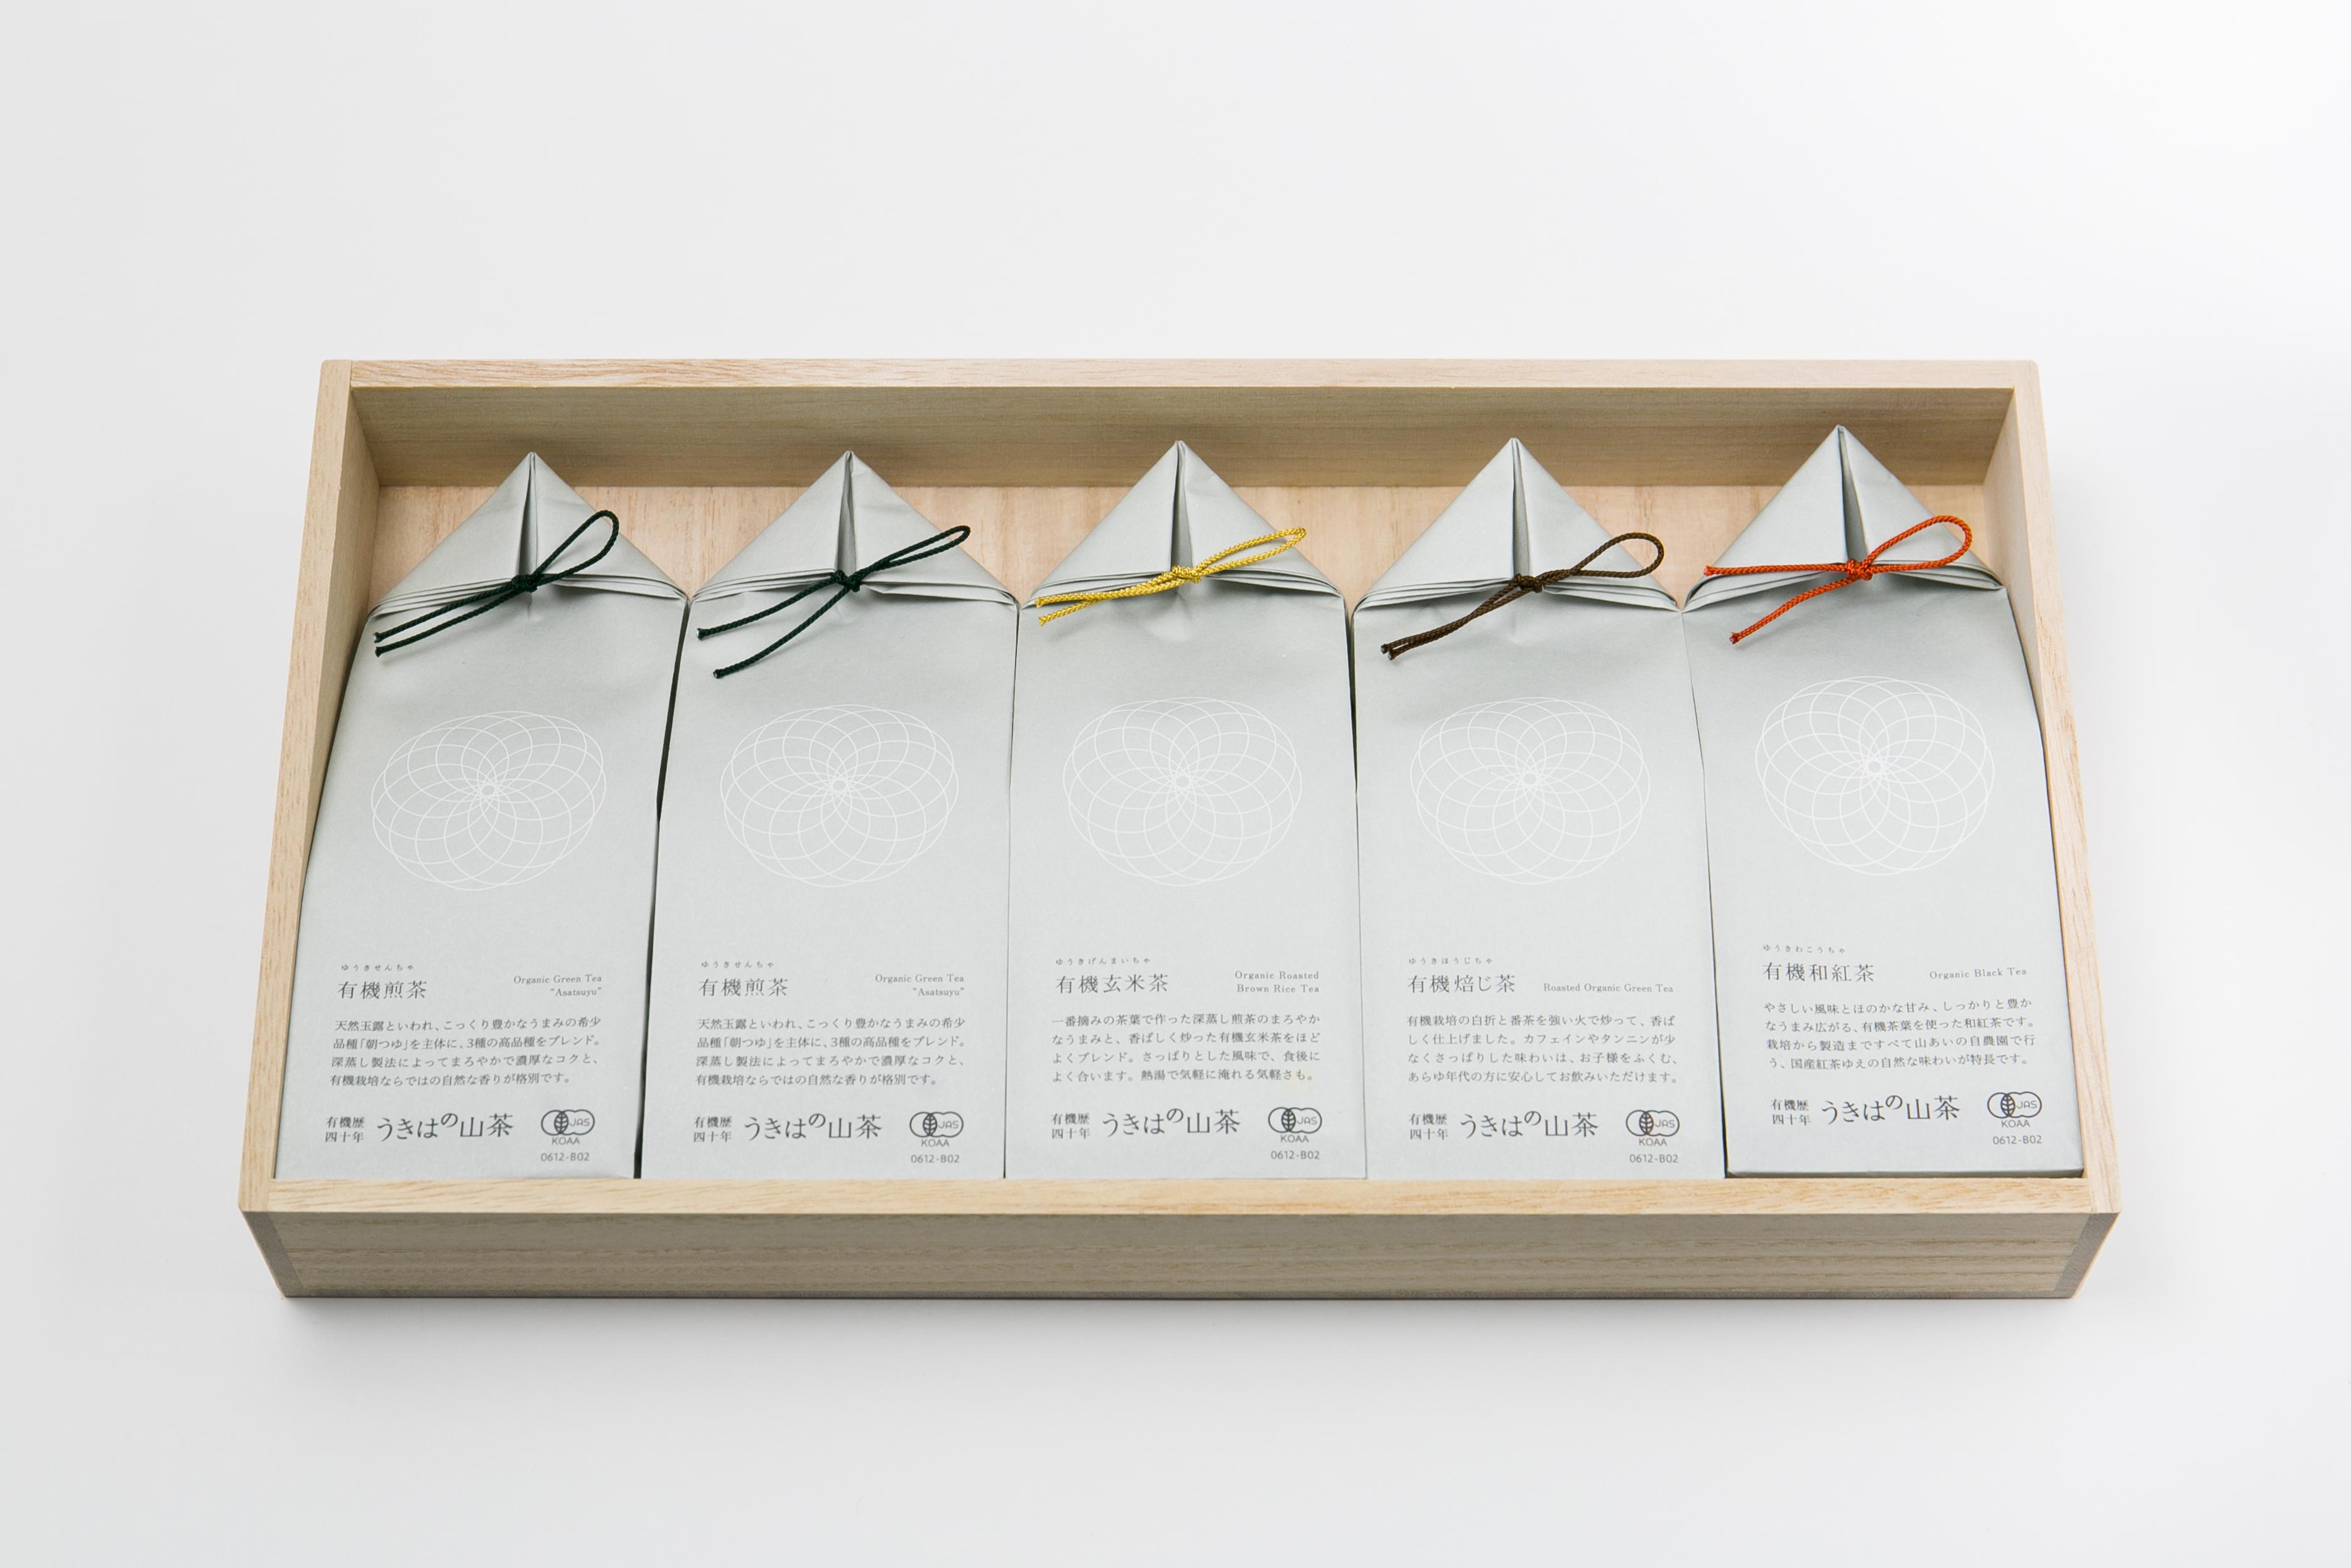 うきはの山茶 5本入 桐箱 GFT5-1 商品イメージ1